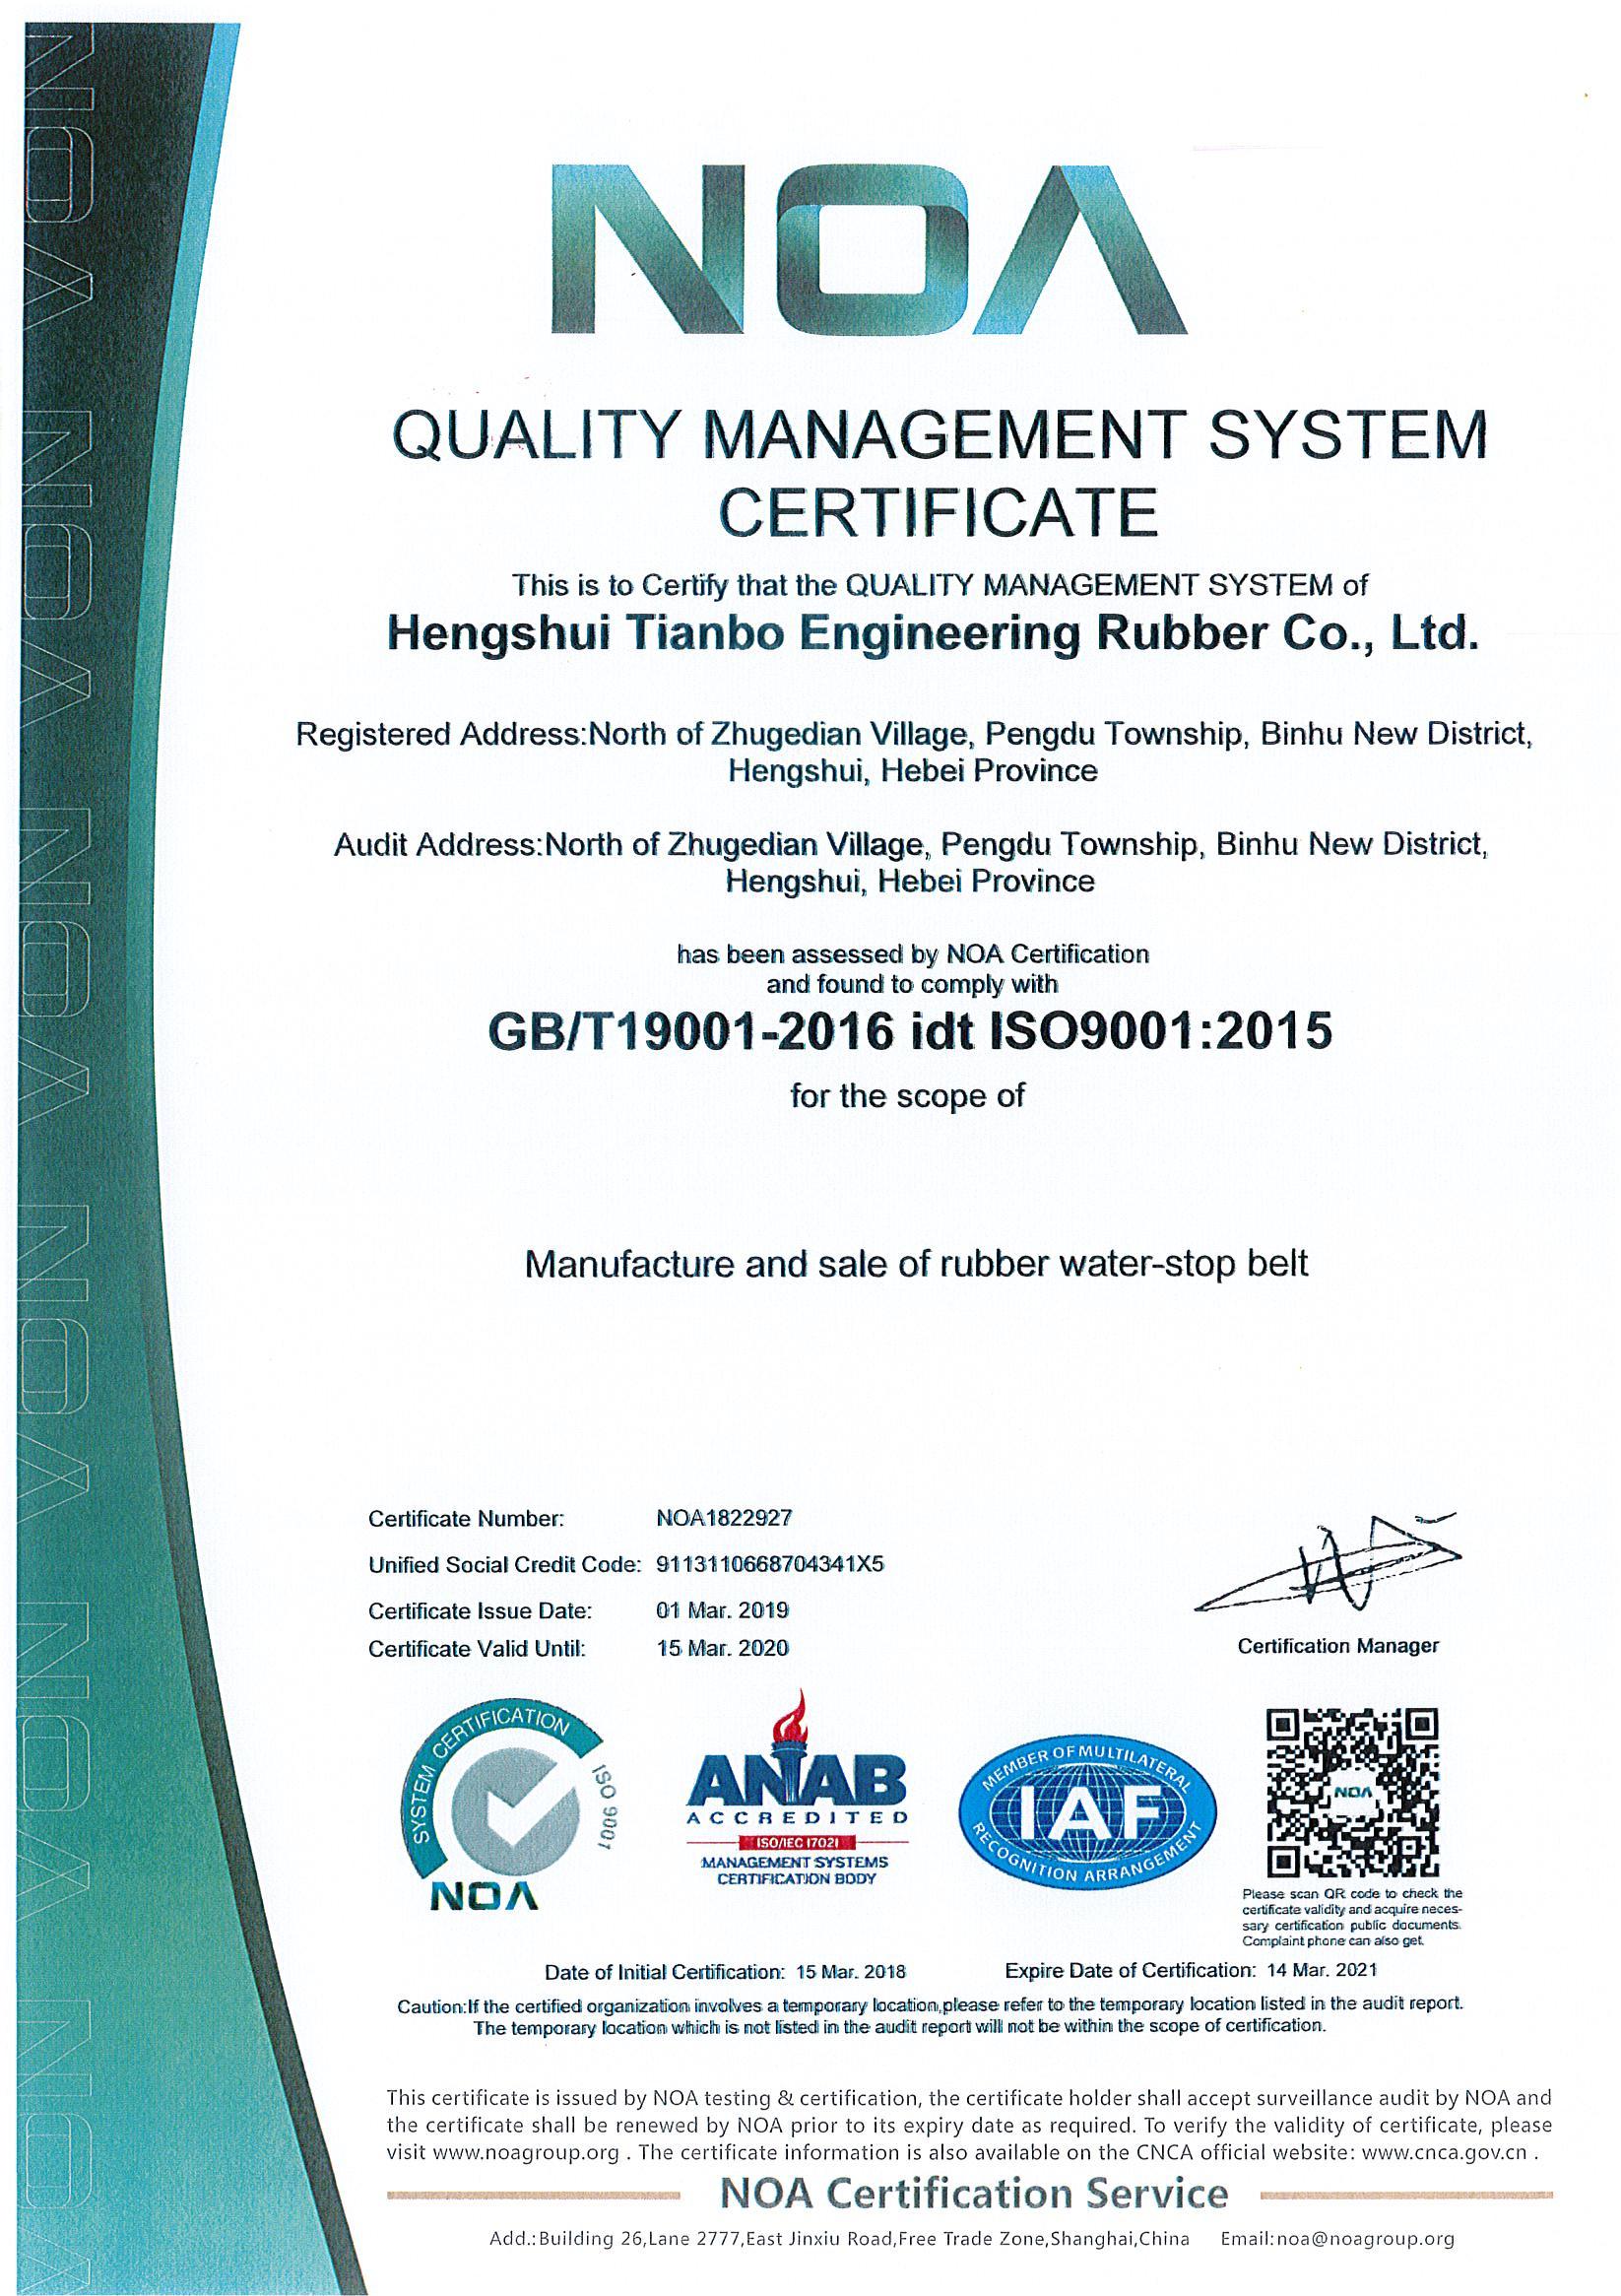 质量管理体系认证证书 英文版